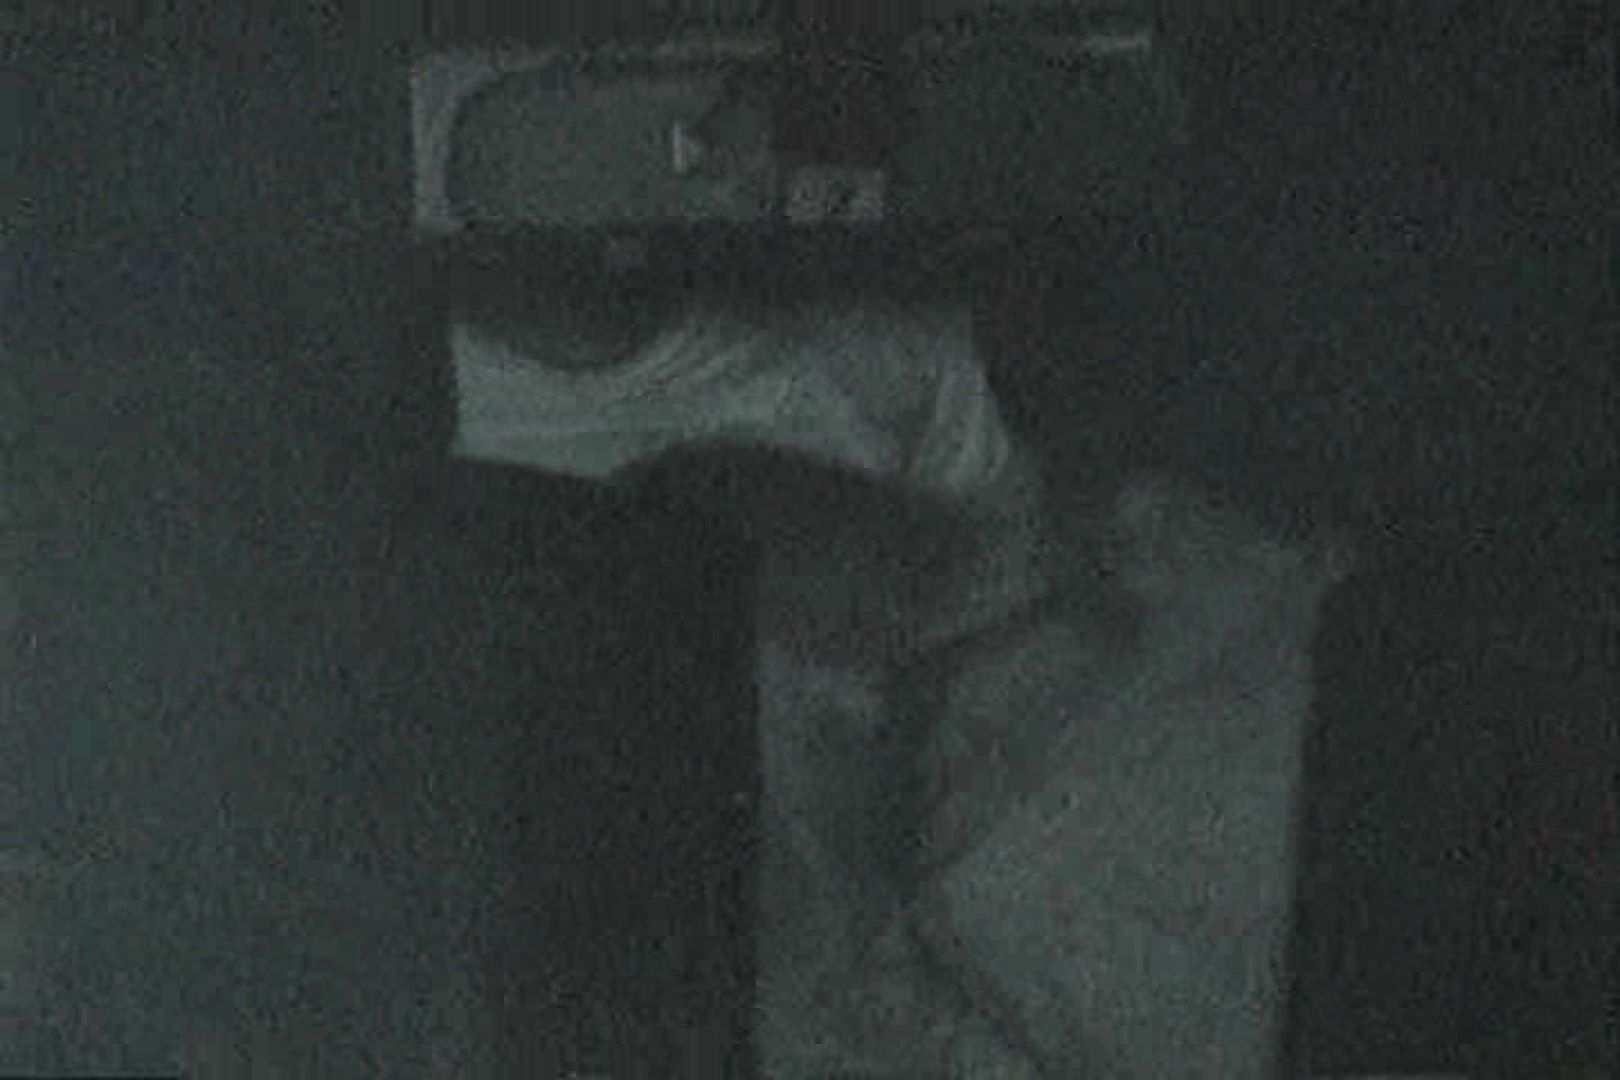 充血監督の深夜の運動会Vol.123 カップル盗撮 | エロティックなOL  107画像 61